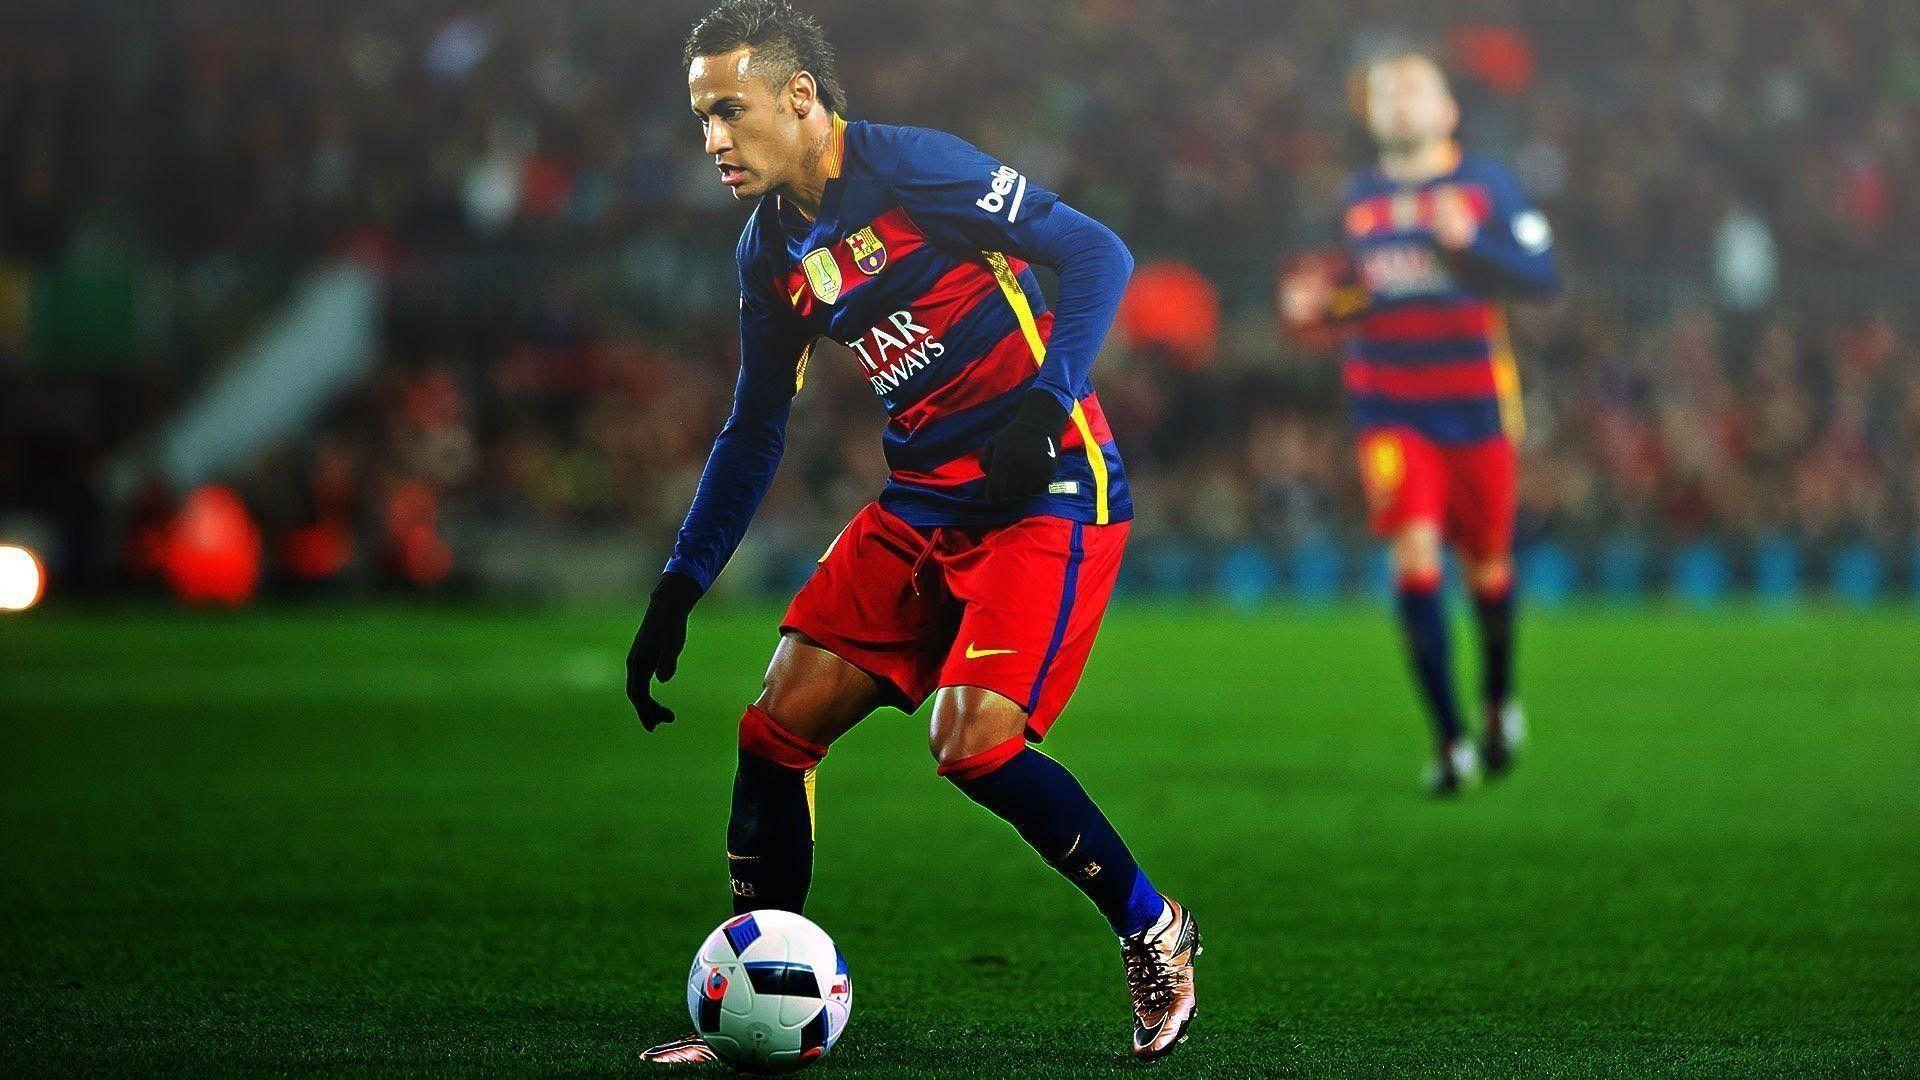 1920x1080 Neymar Jr â Neymagic Dribbling Skills 2016 HD